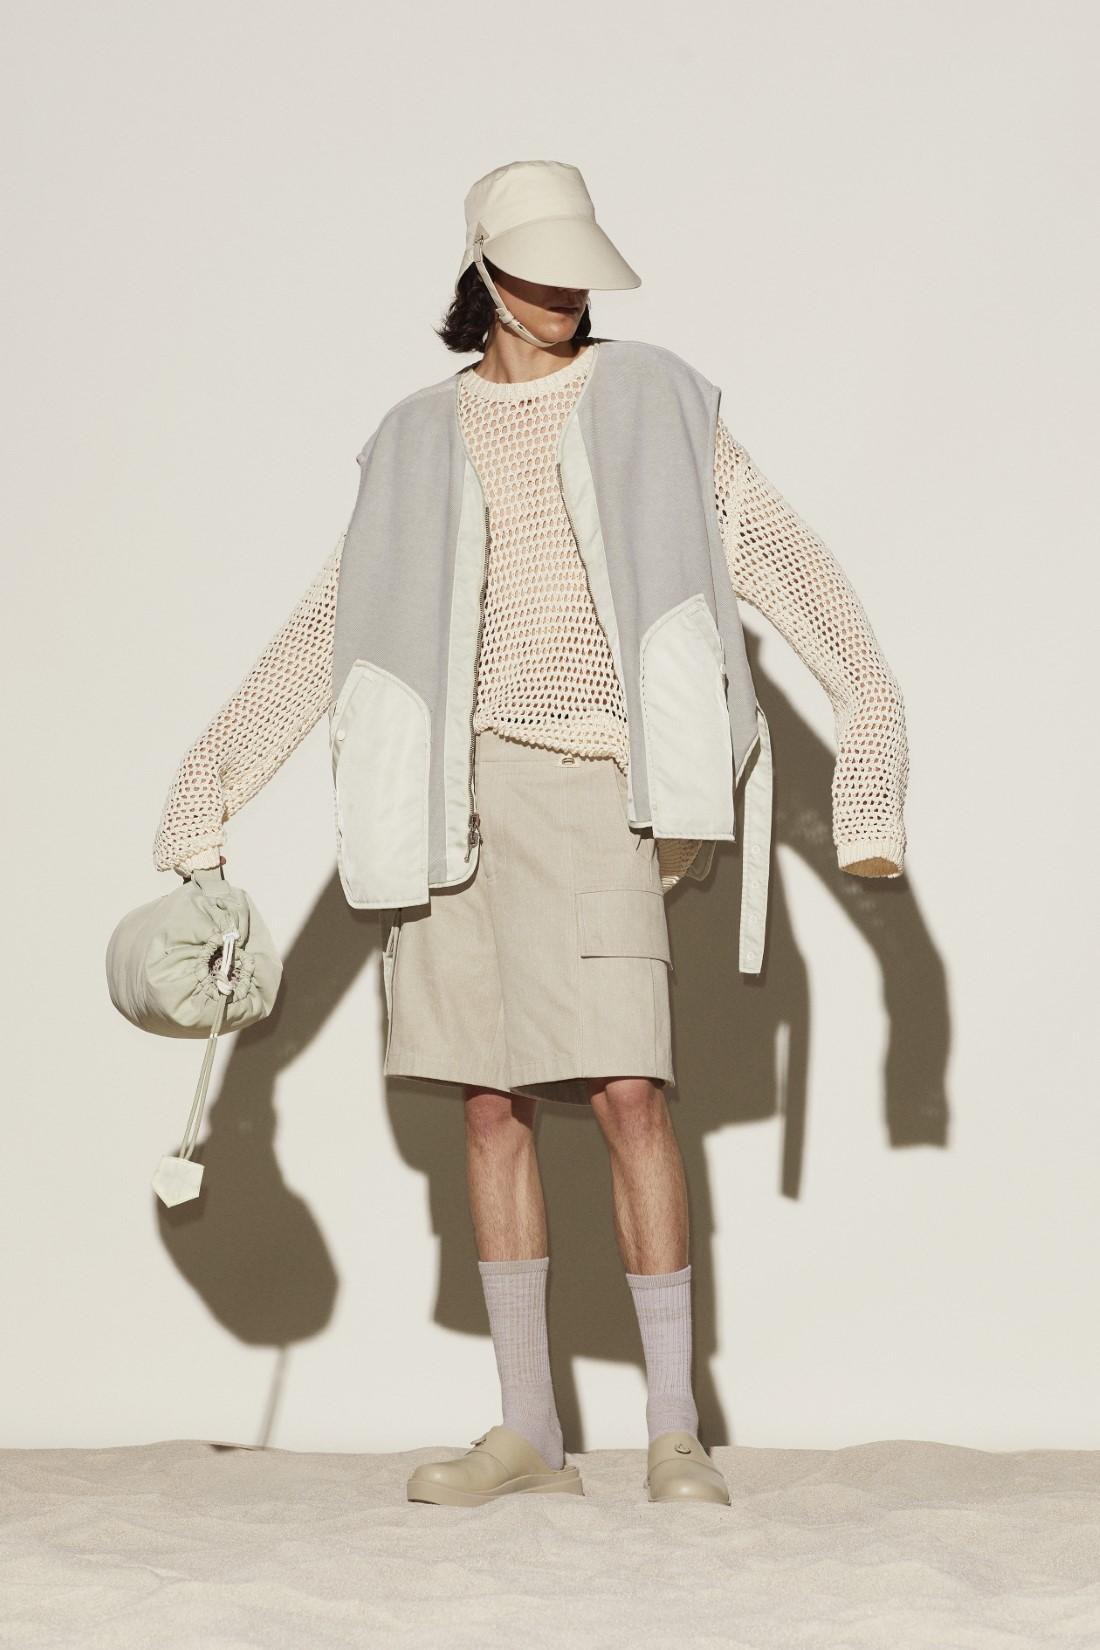 SOLID HOMME - Printemps-Été 2022 - Milan Fashion Week